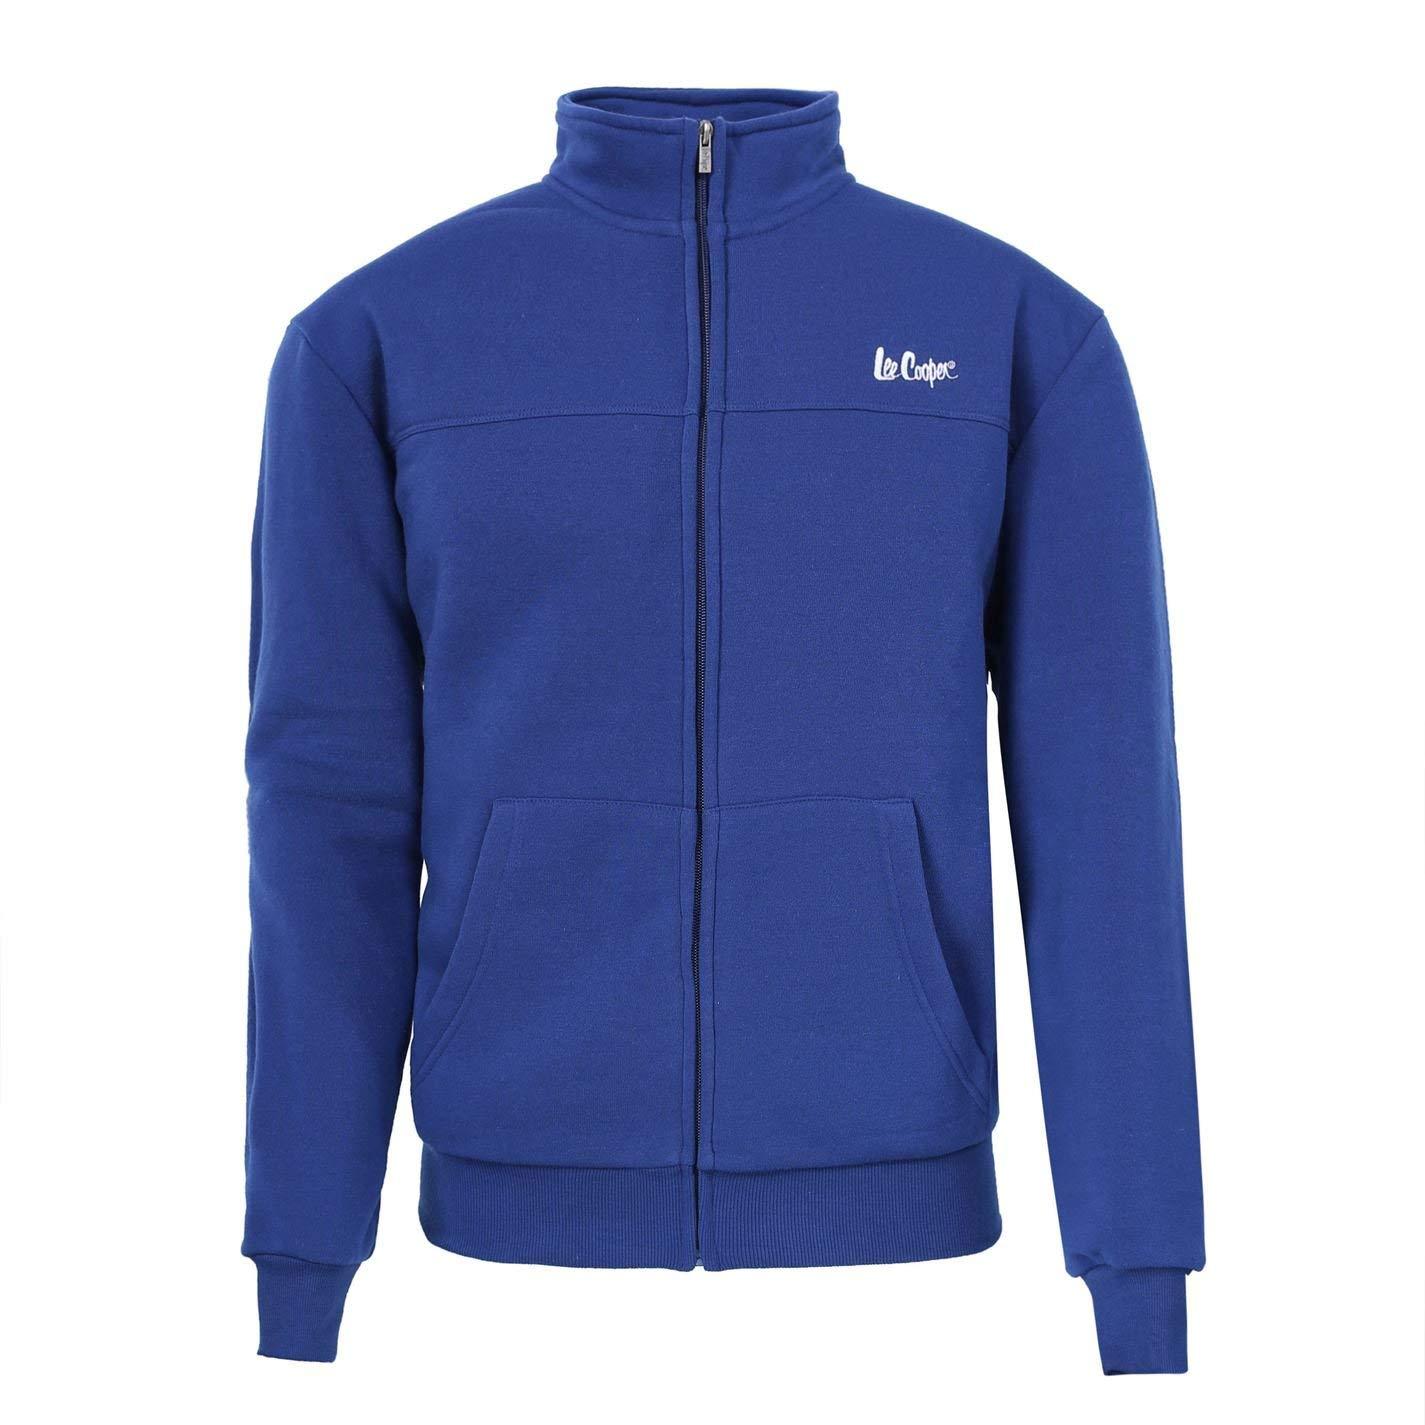 Lee Cooper Mens Zip Fleece Jacket Top Coat Long Sleeve